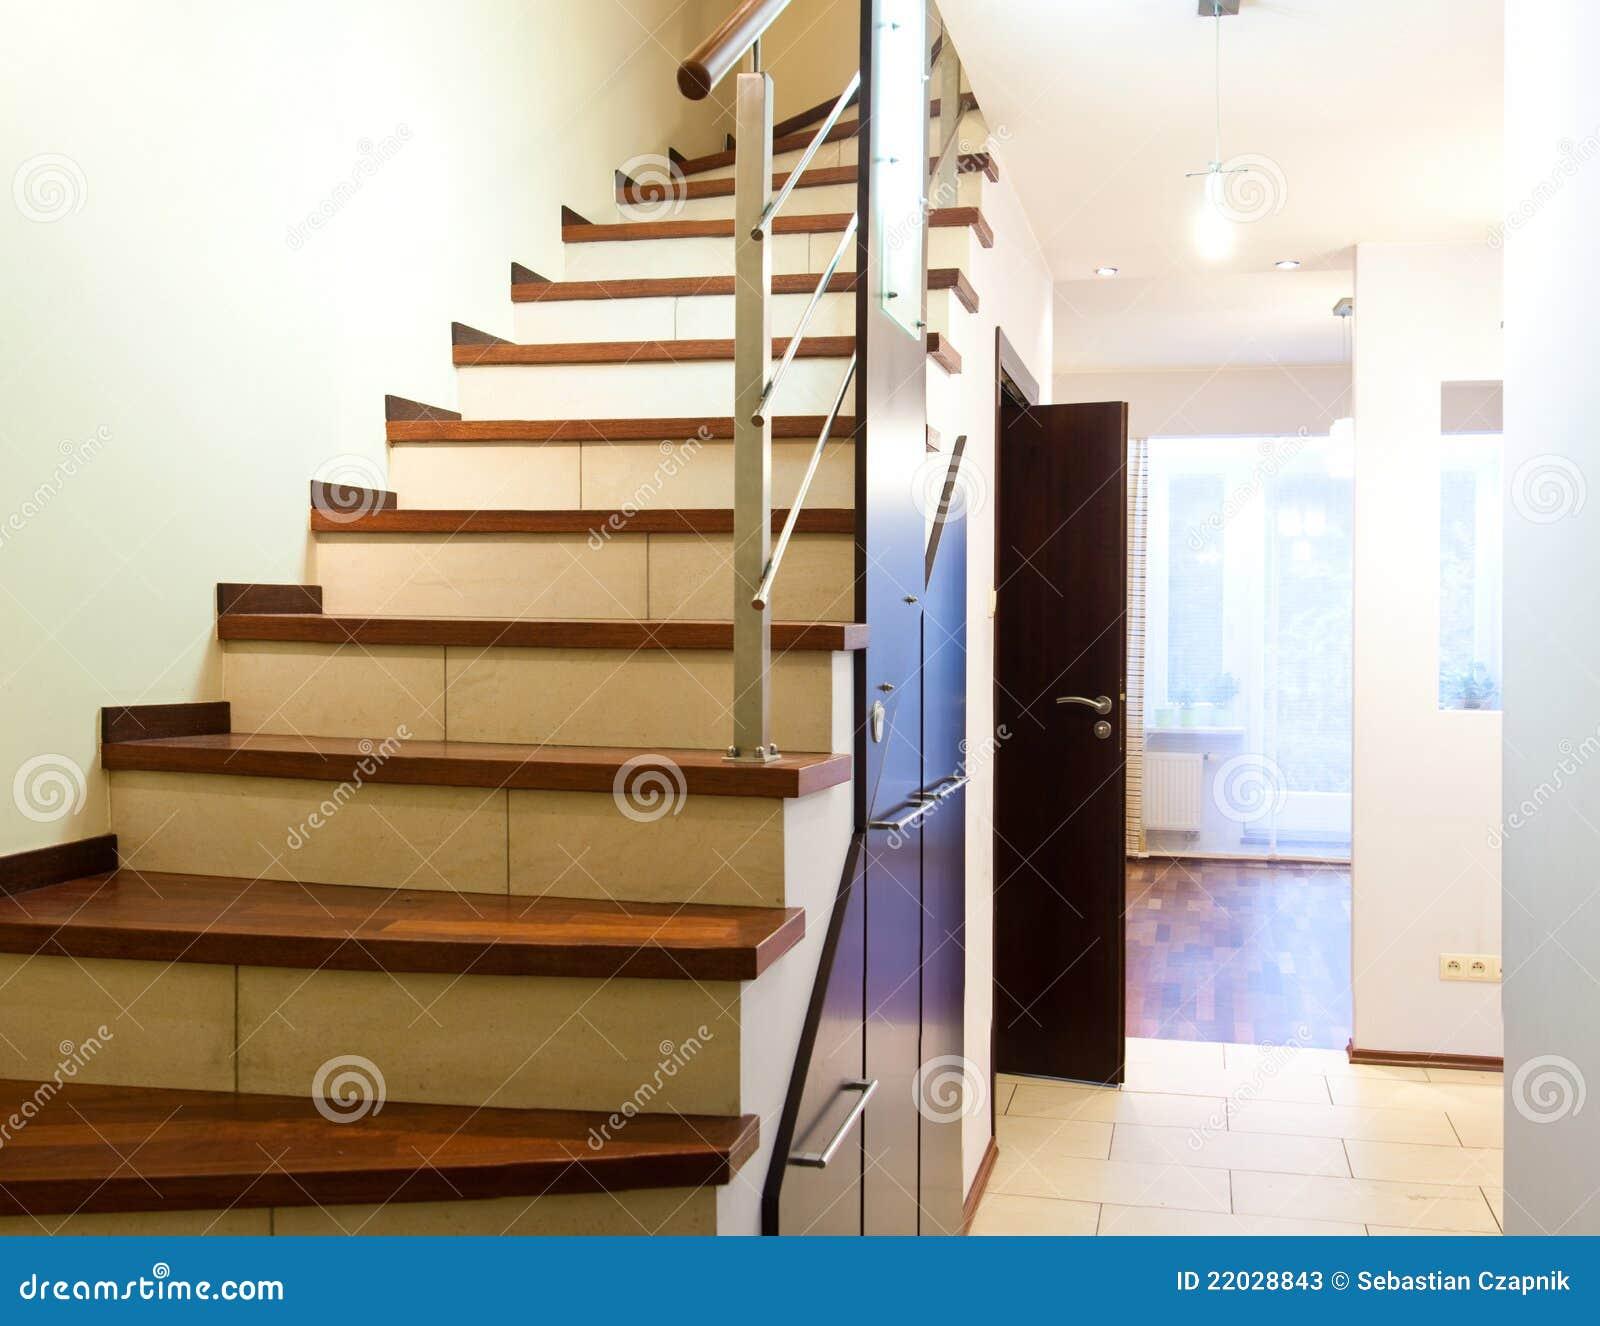 Escaleras en hogar moderno imagen de archivo imagen de for Escaleras interiores precios